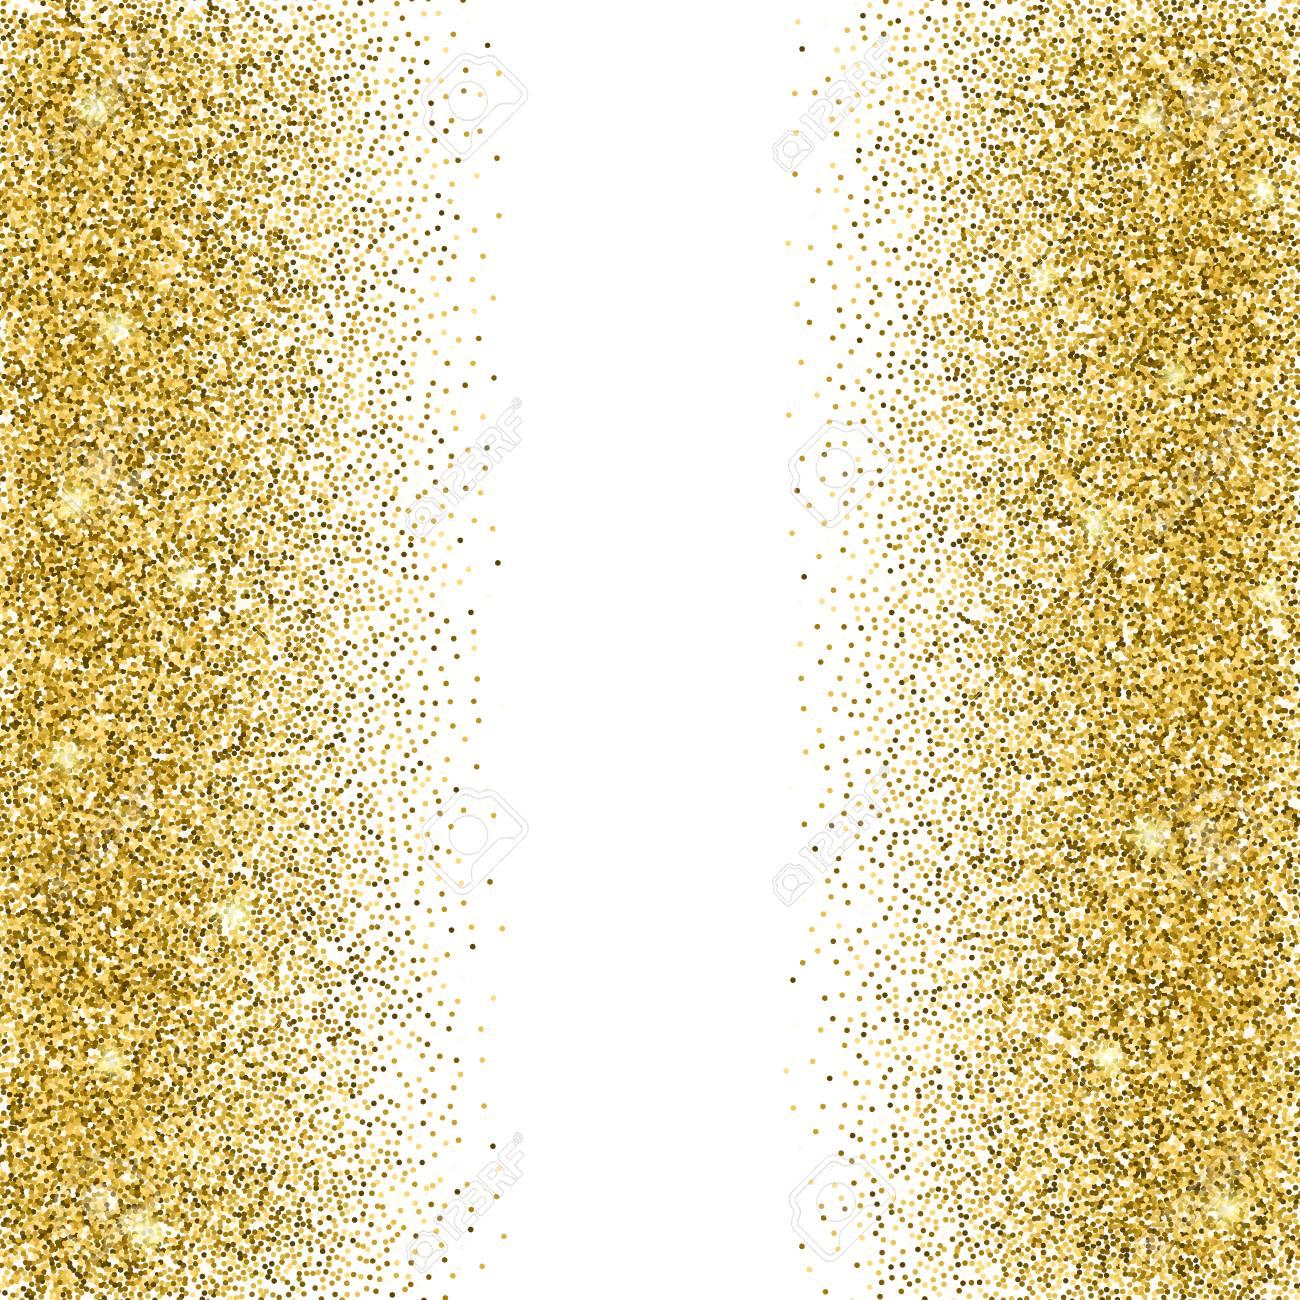 Gold Glitter Hintergrund Gold Funkelt Auf Weissem Hintergrund